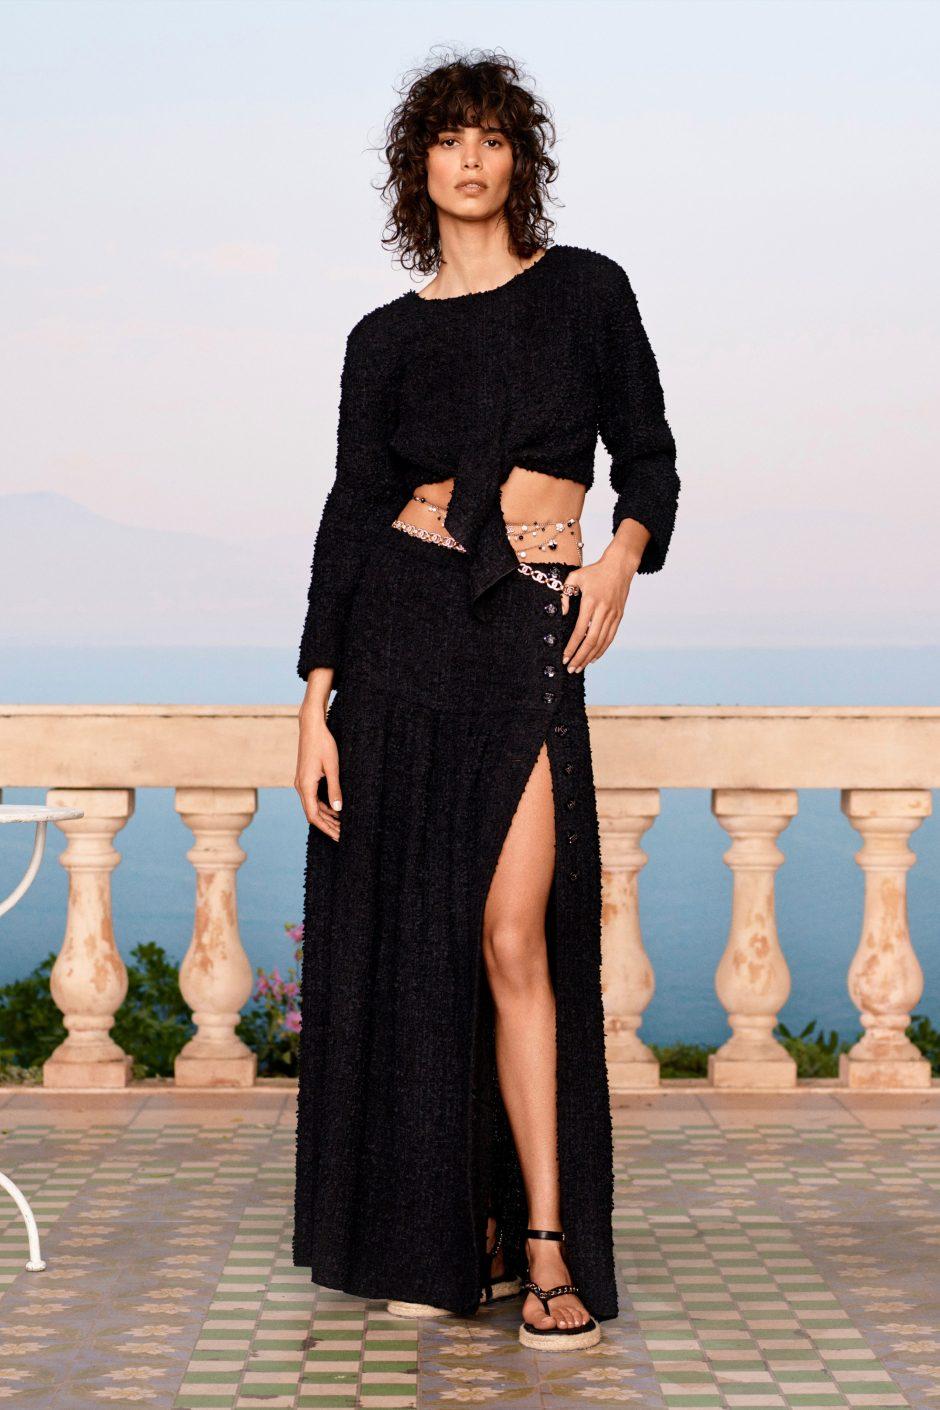 00026-Chanel-Resort-2021